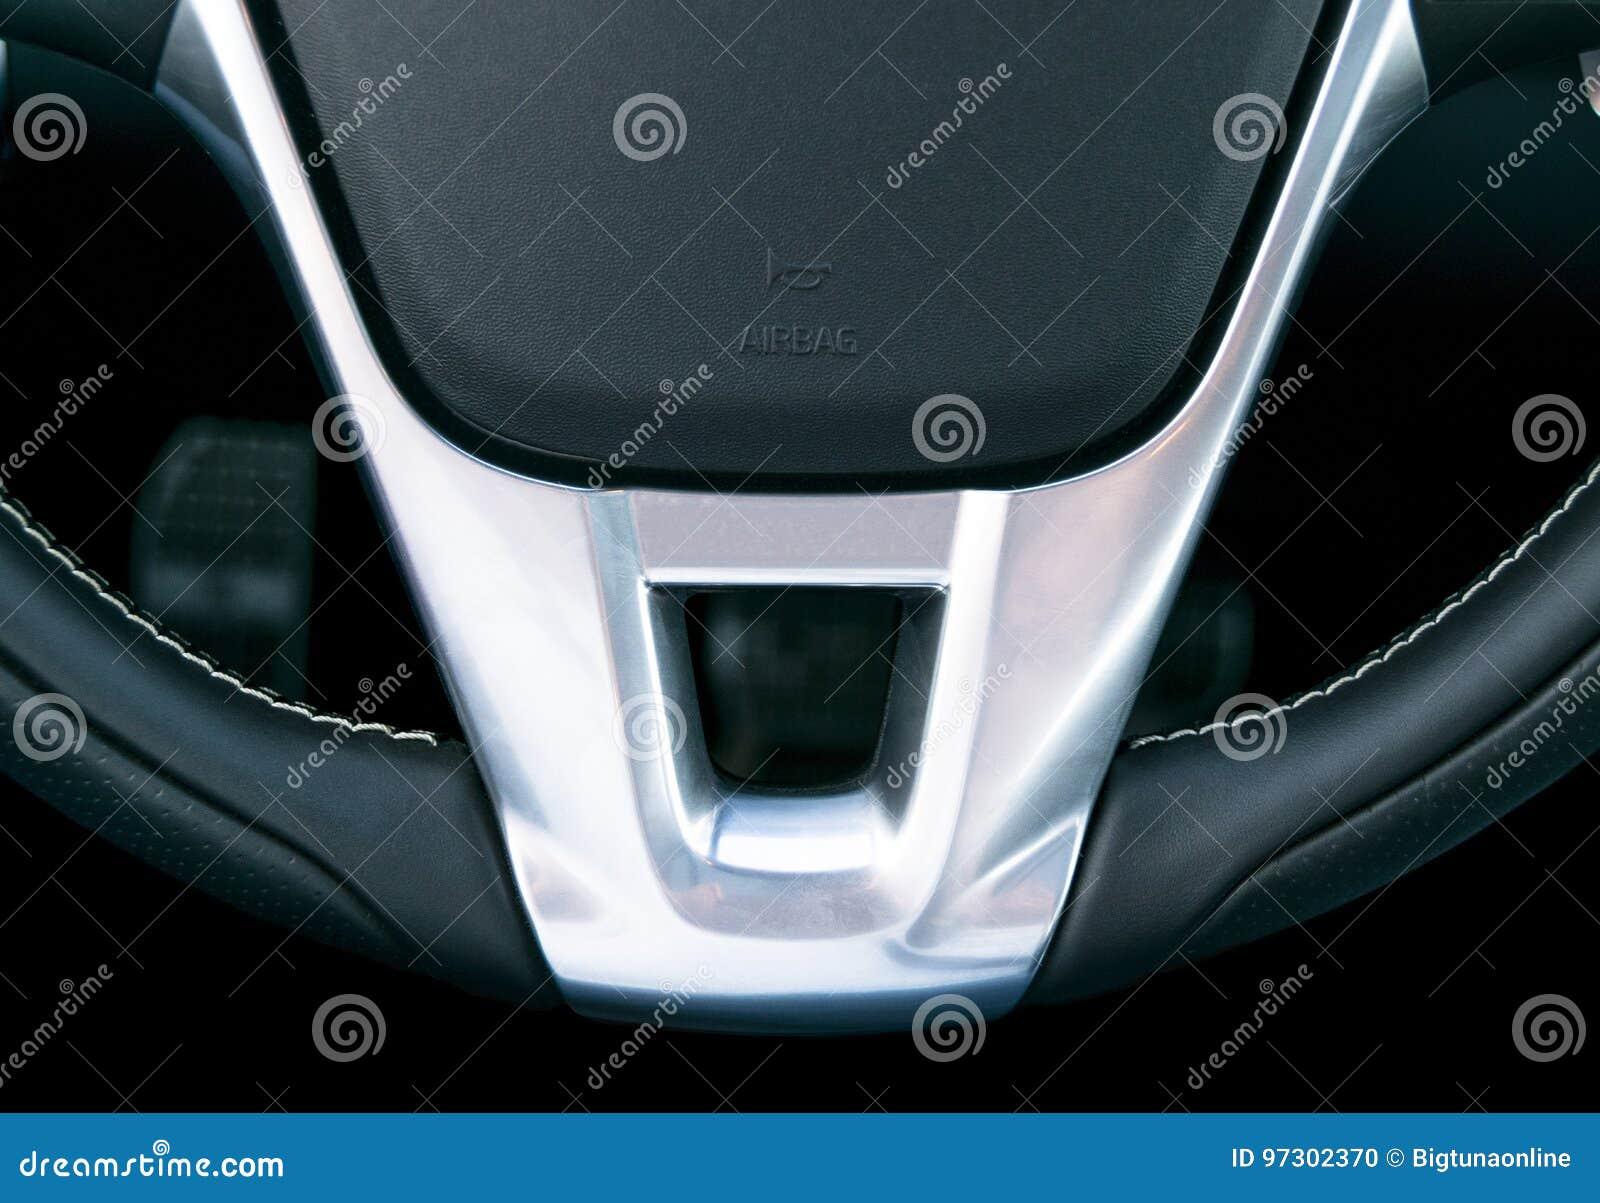 Fermez-vous vers le haut de la vue du volant, conception intérieure de voiture en cuir noire, détails